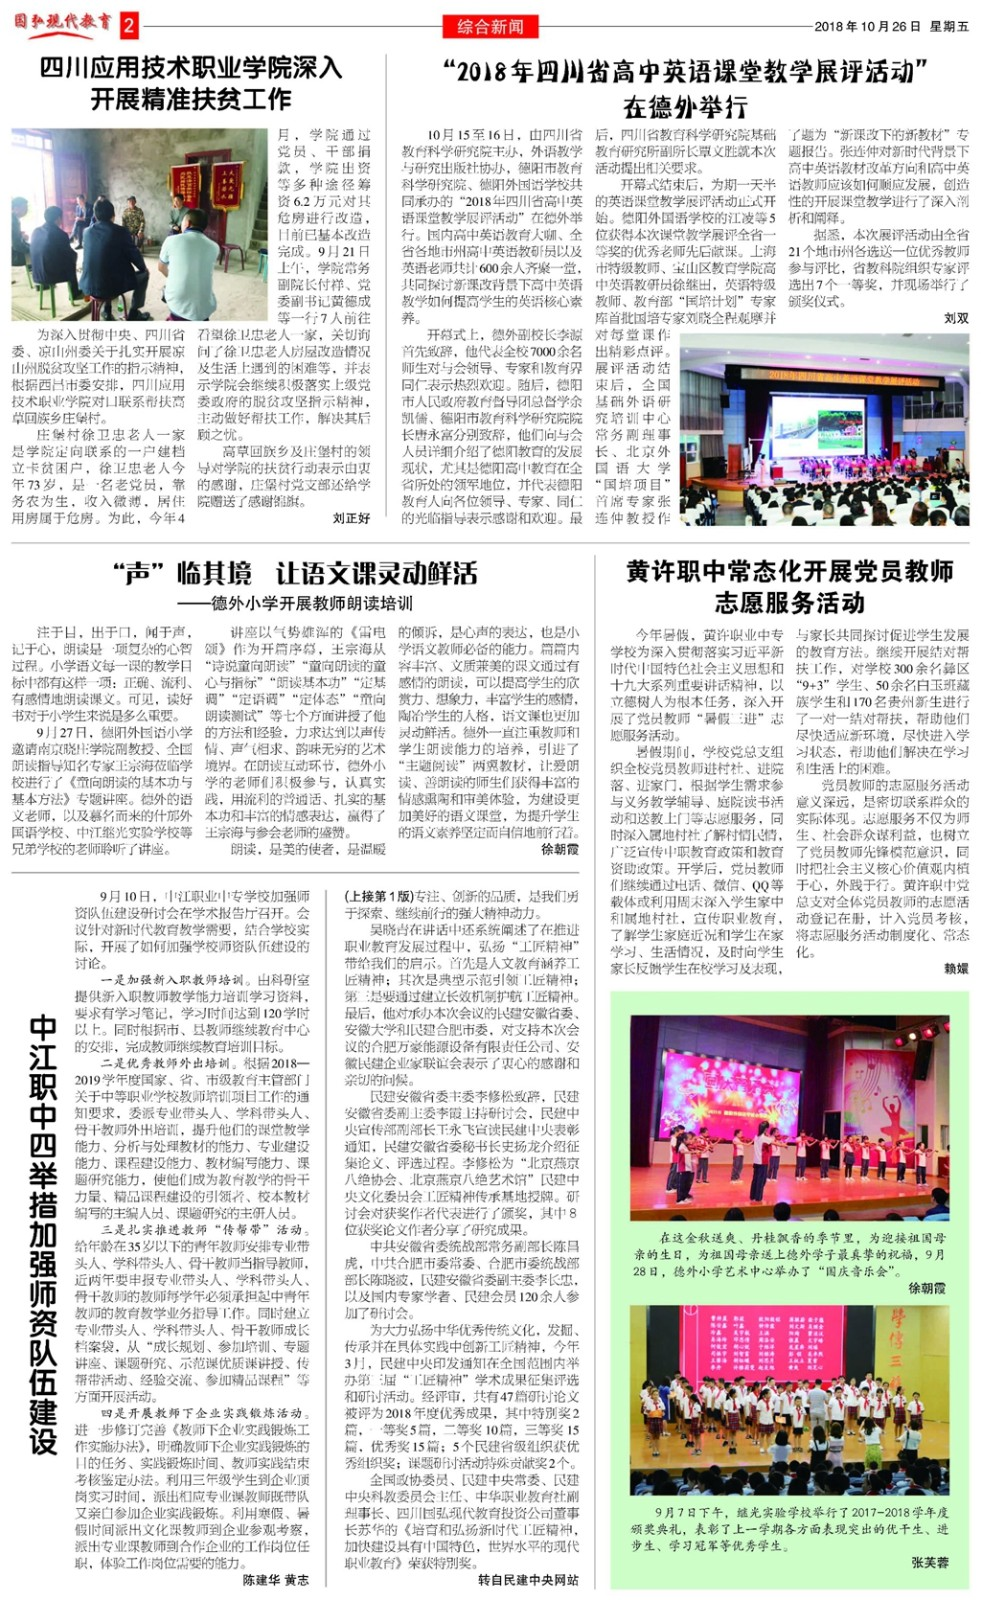 中江县人民政府_集团电子报(第107期)_集团电子报_四川现代教育集团